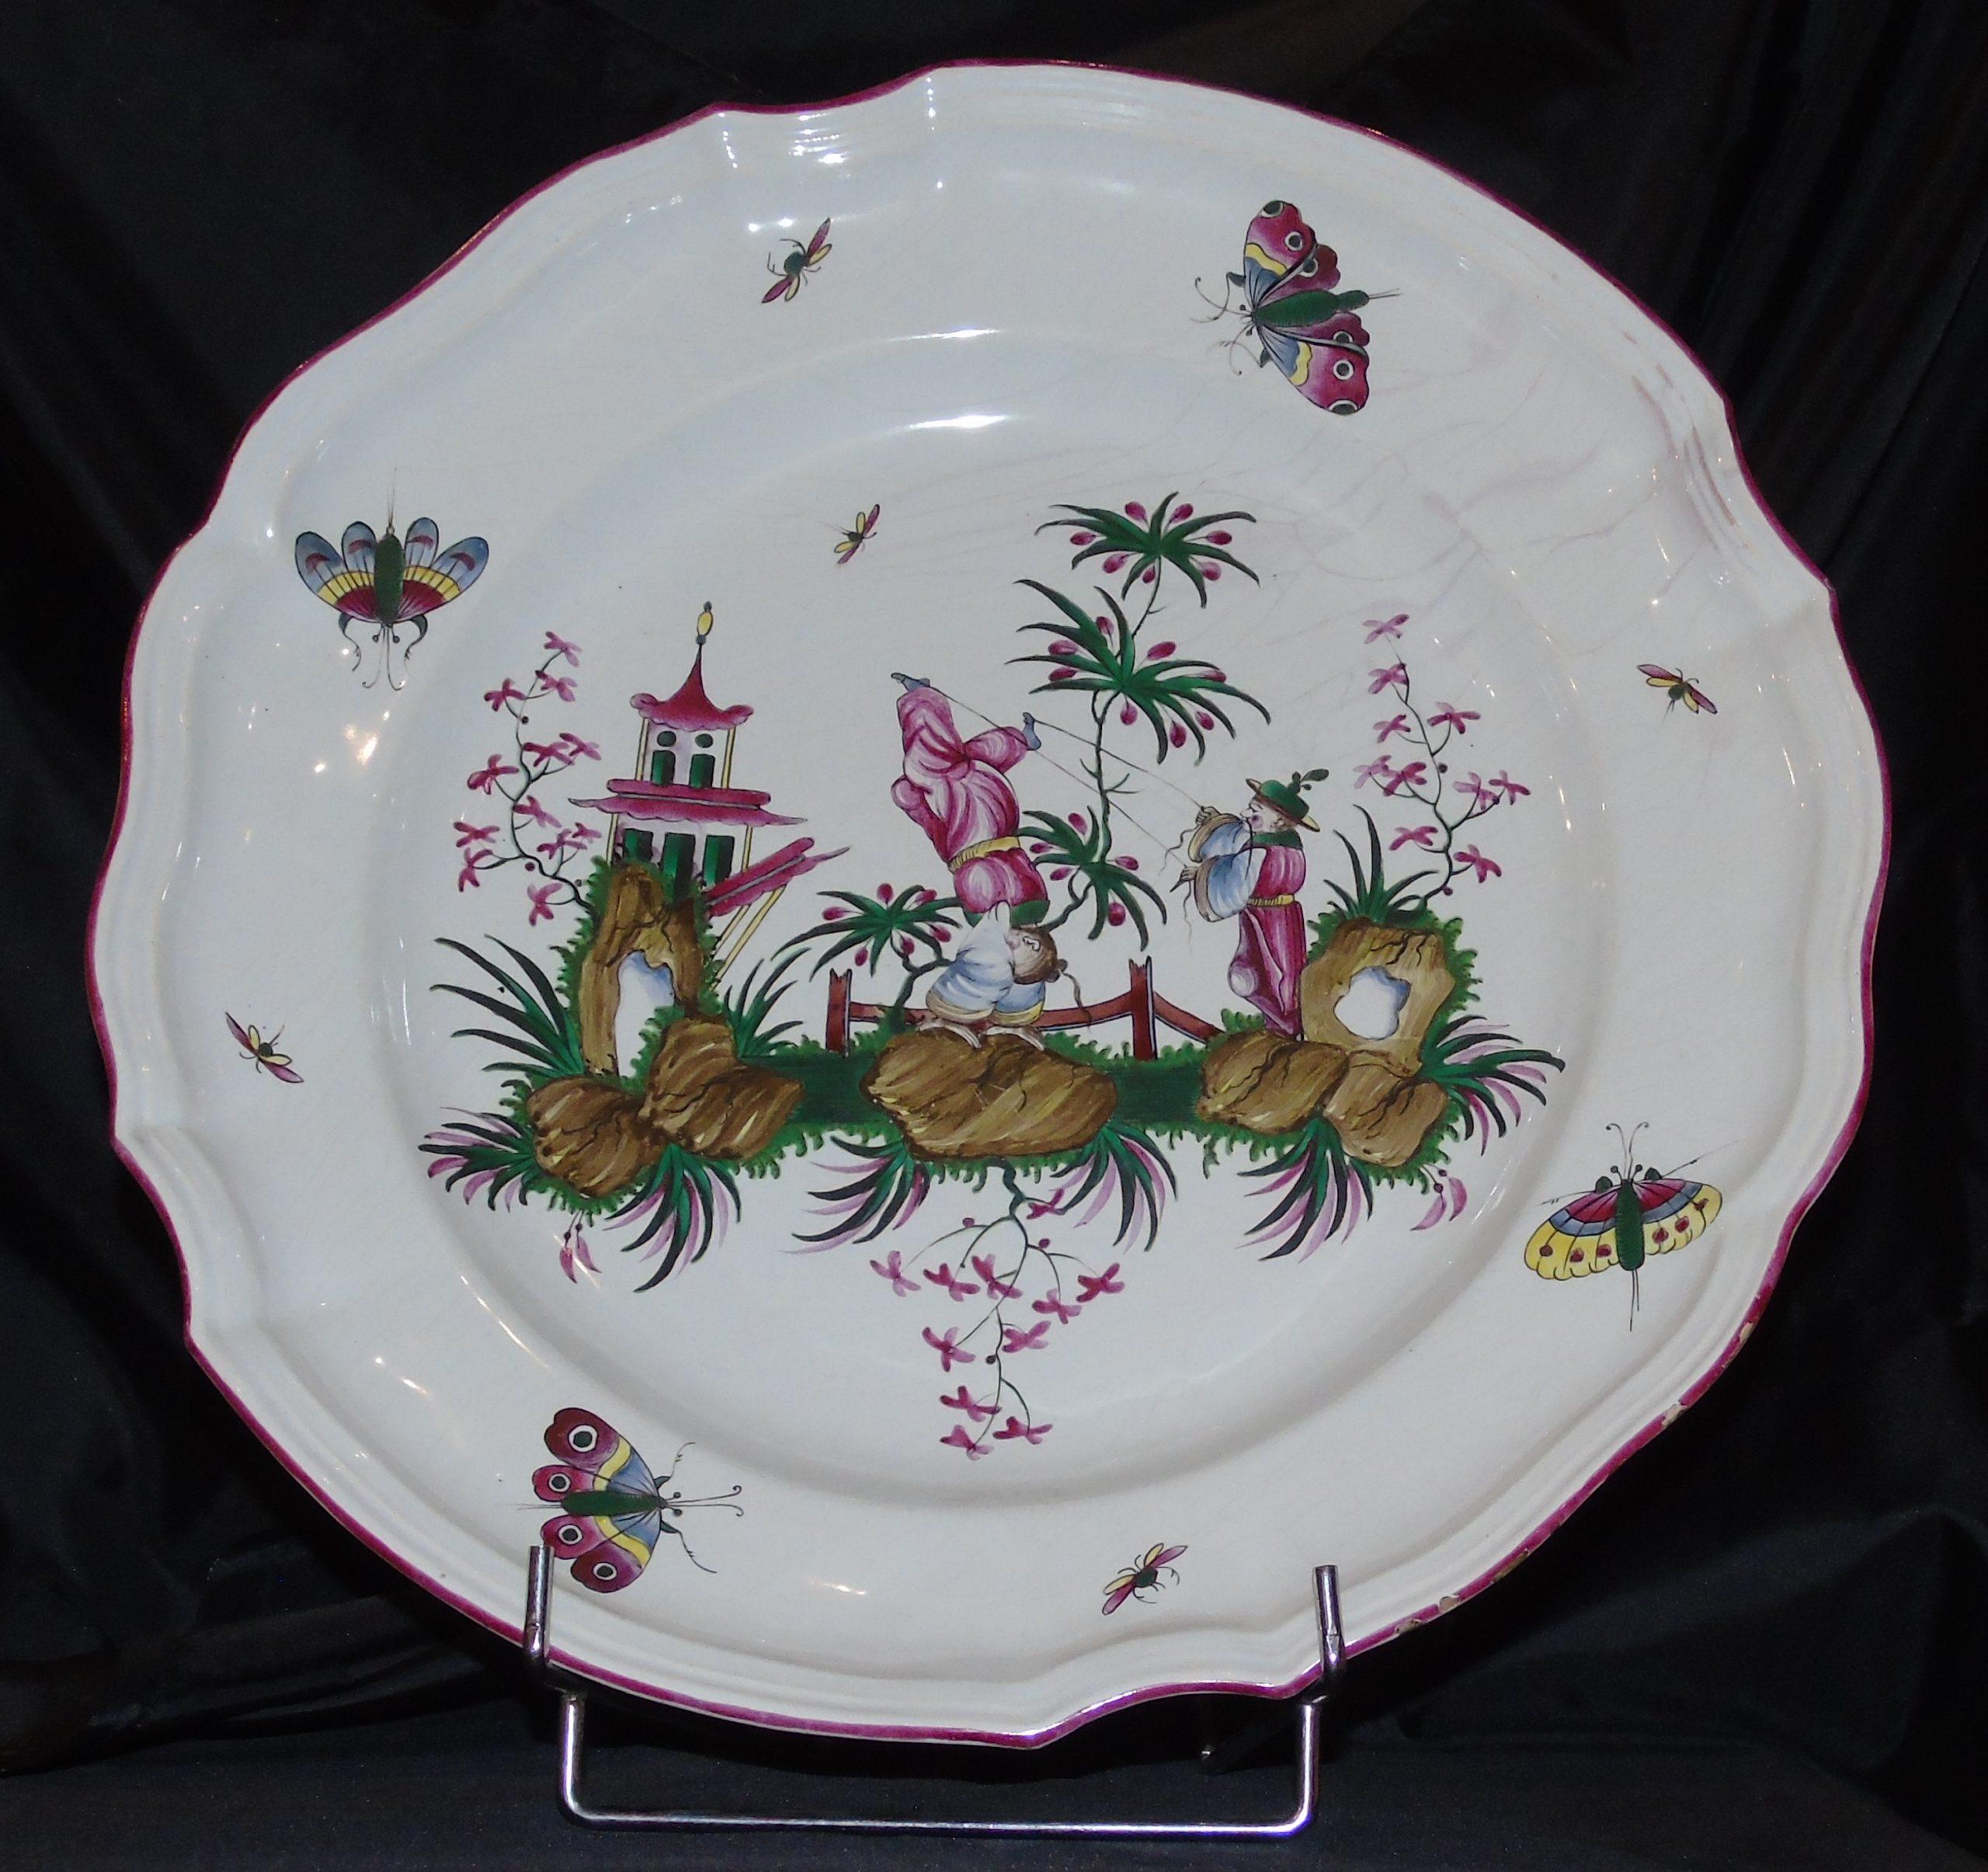 """Lunéville, plat, 1770-1775, faïence, décor au feu de moufle, Chinois équilibriste<br><p style=""""color:red;"""">Accès réservé membres</p>"""